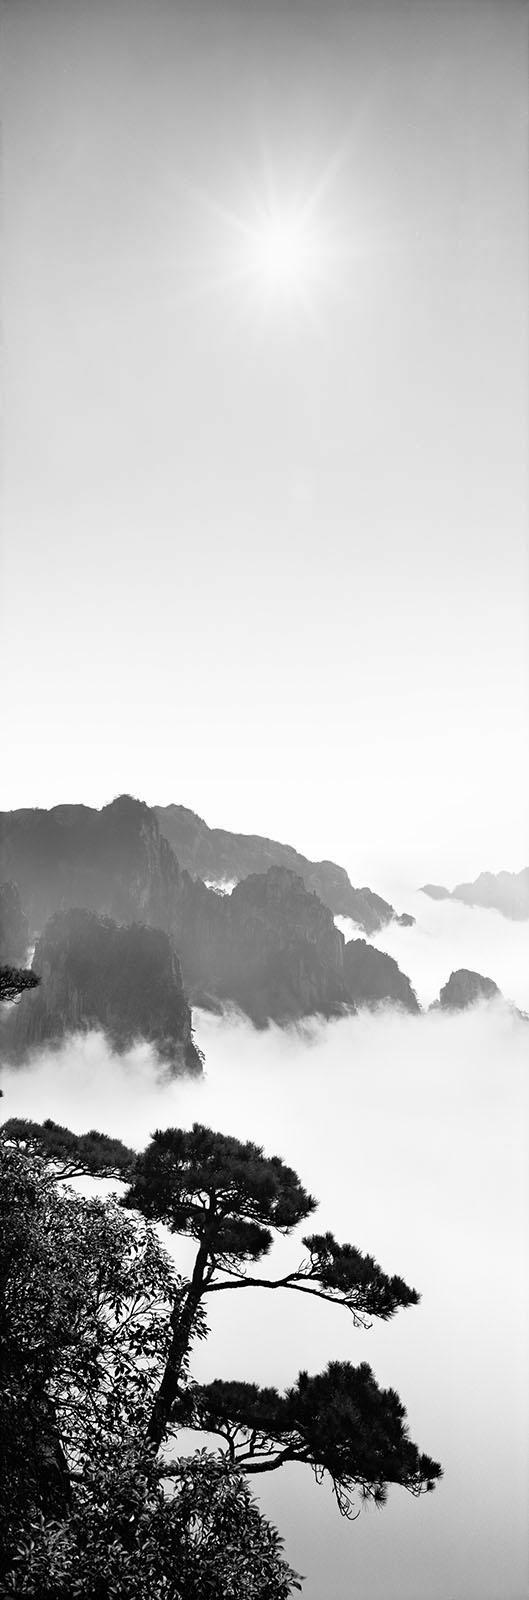 Zeng Nian, Les monts Jaunes (Huangshan). Les monts Jaunes sont considérés comme le berceau de la peinture chinoise shanshui («montagne et eau»). Province d'Anhui, Chine. Novembre 2011